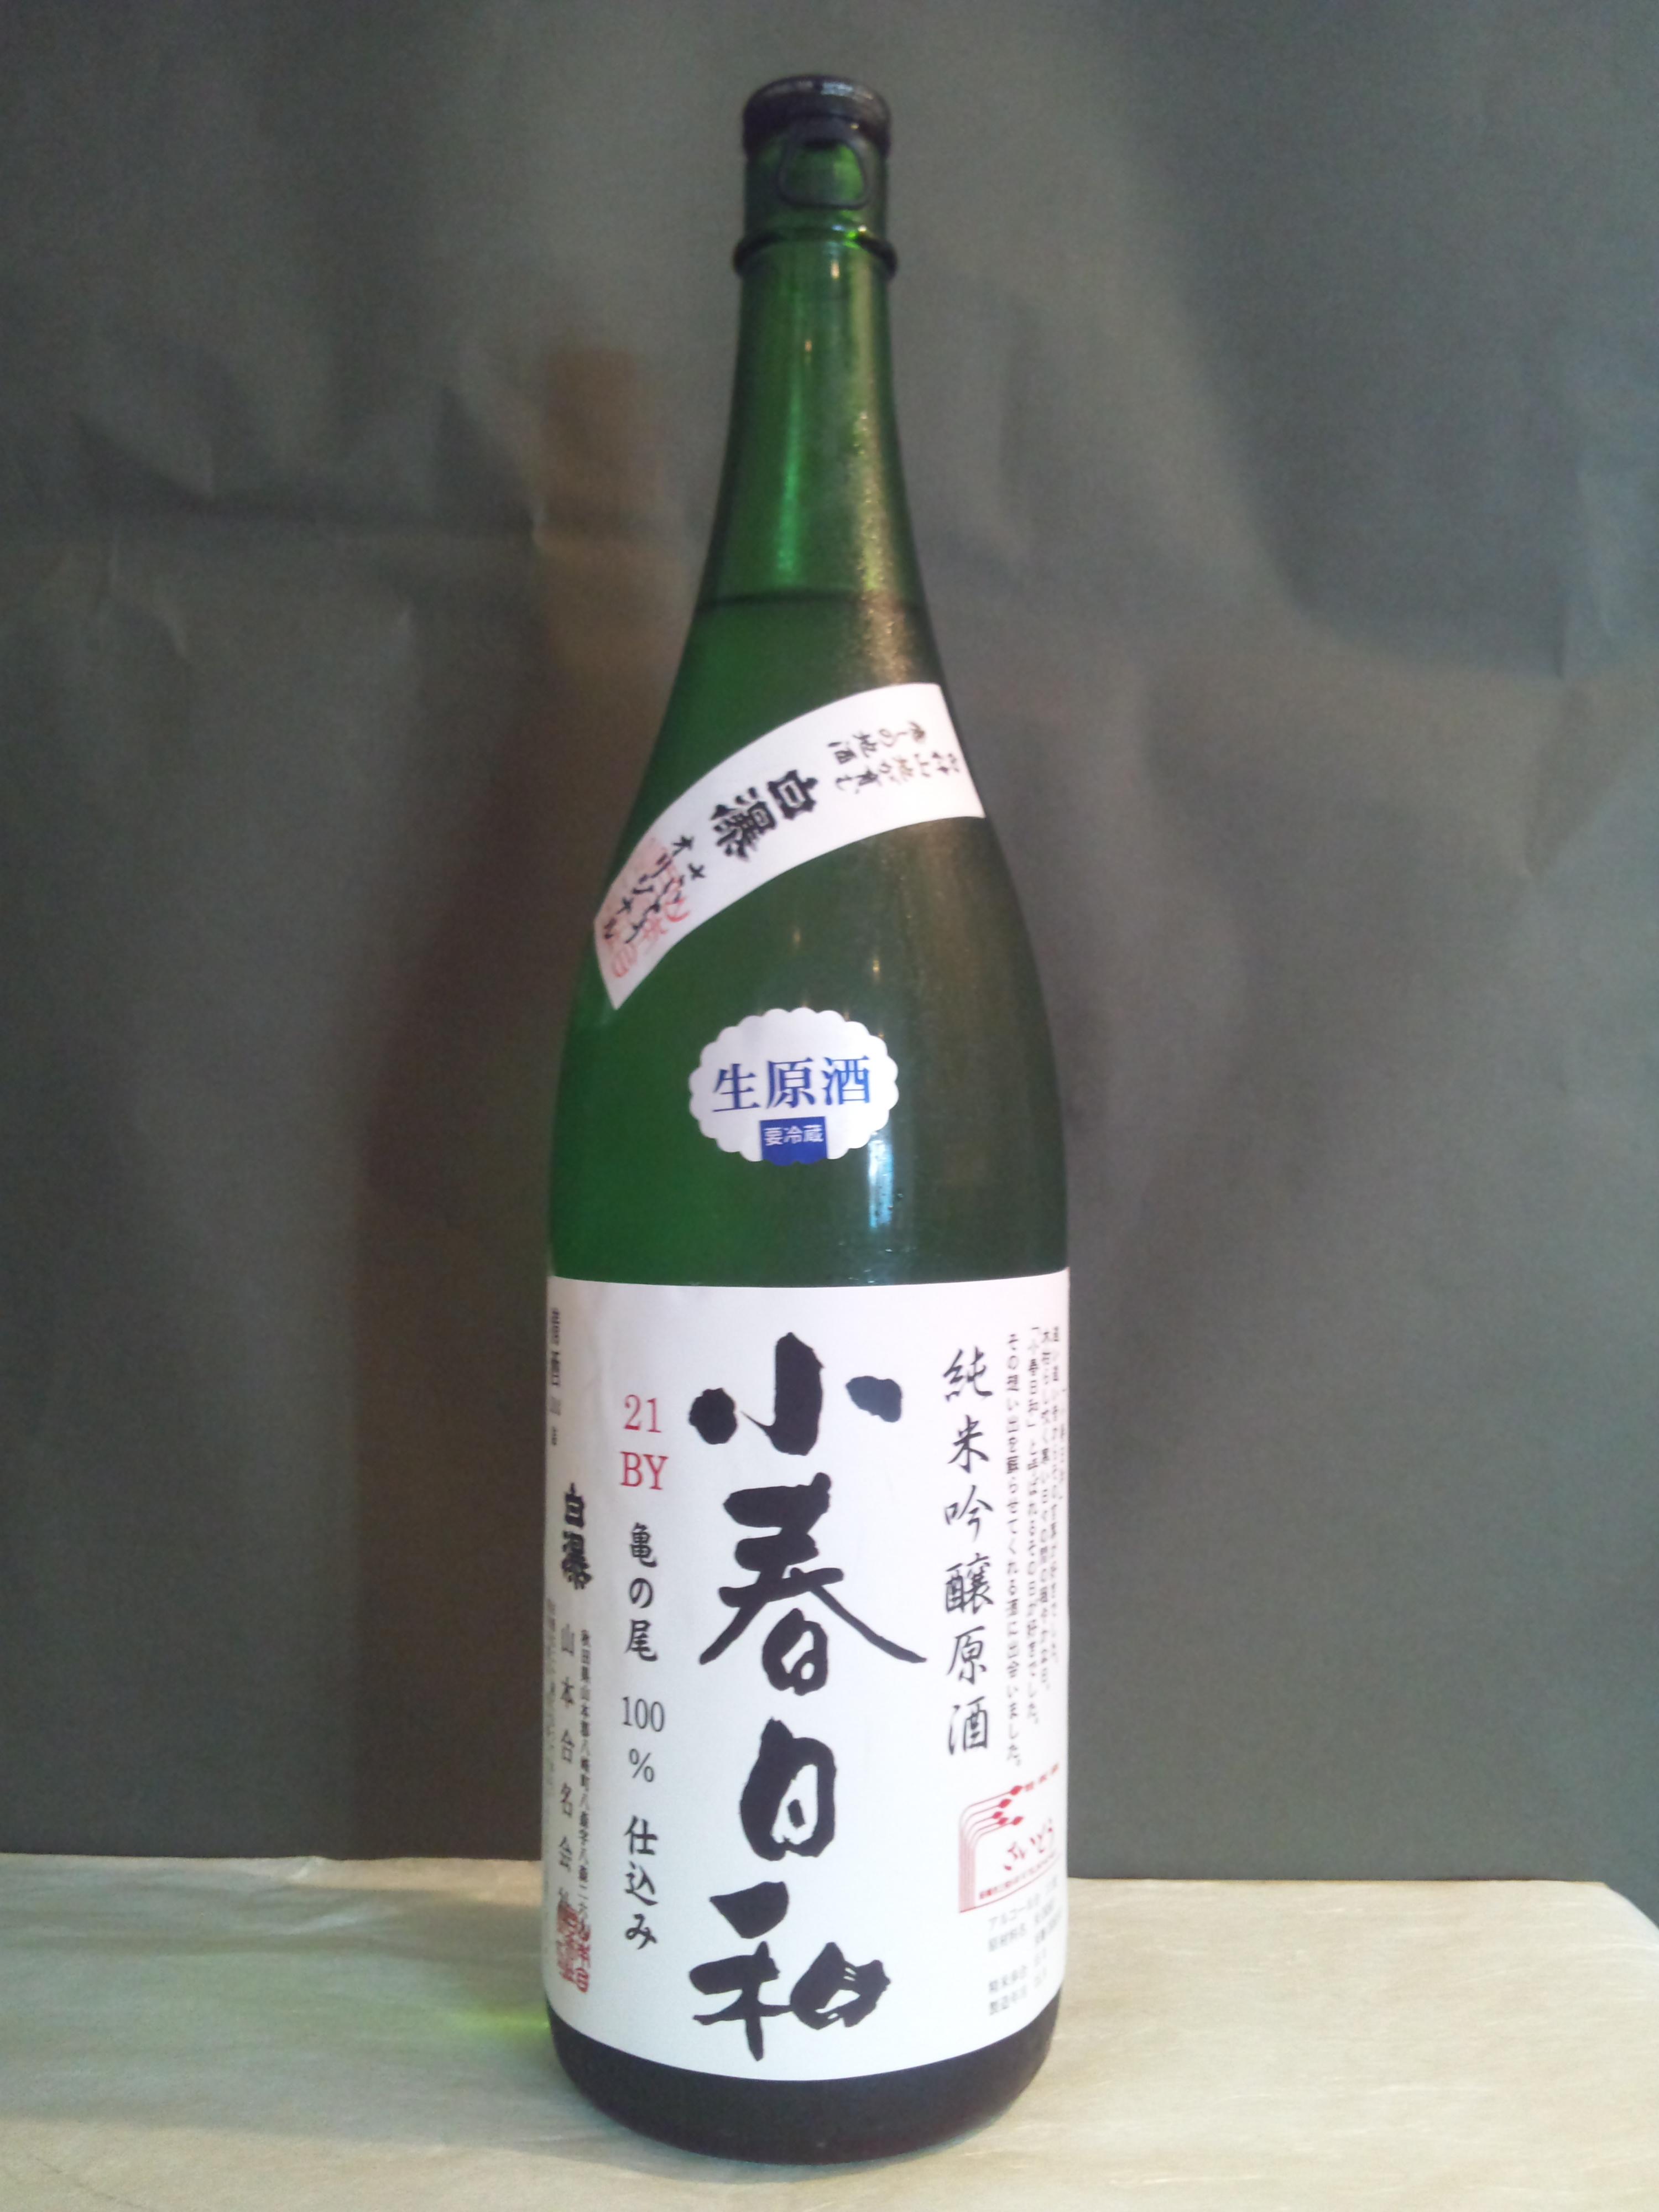 小春日和 純米吟醸 生原酒 1.8ℓ